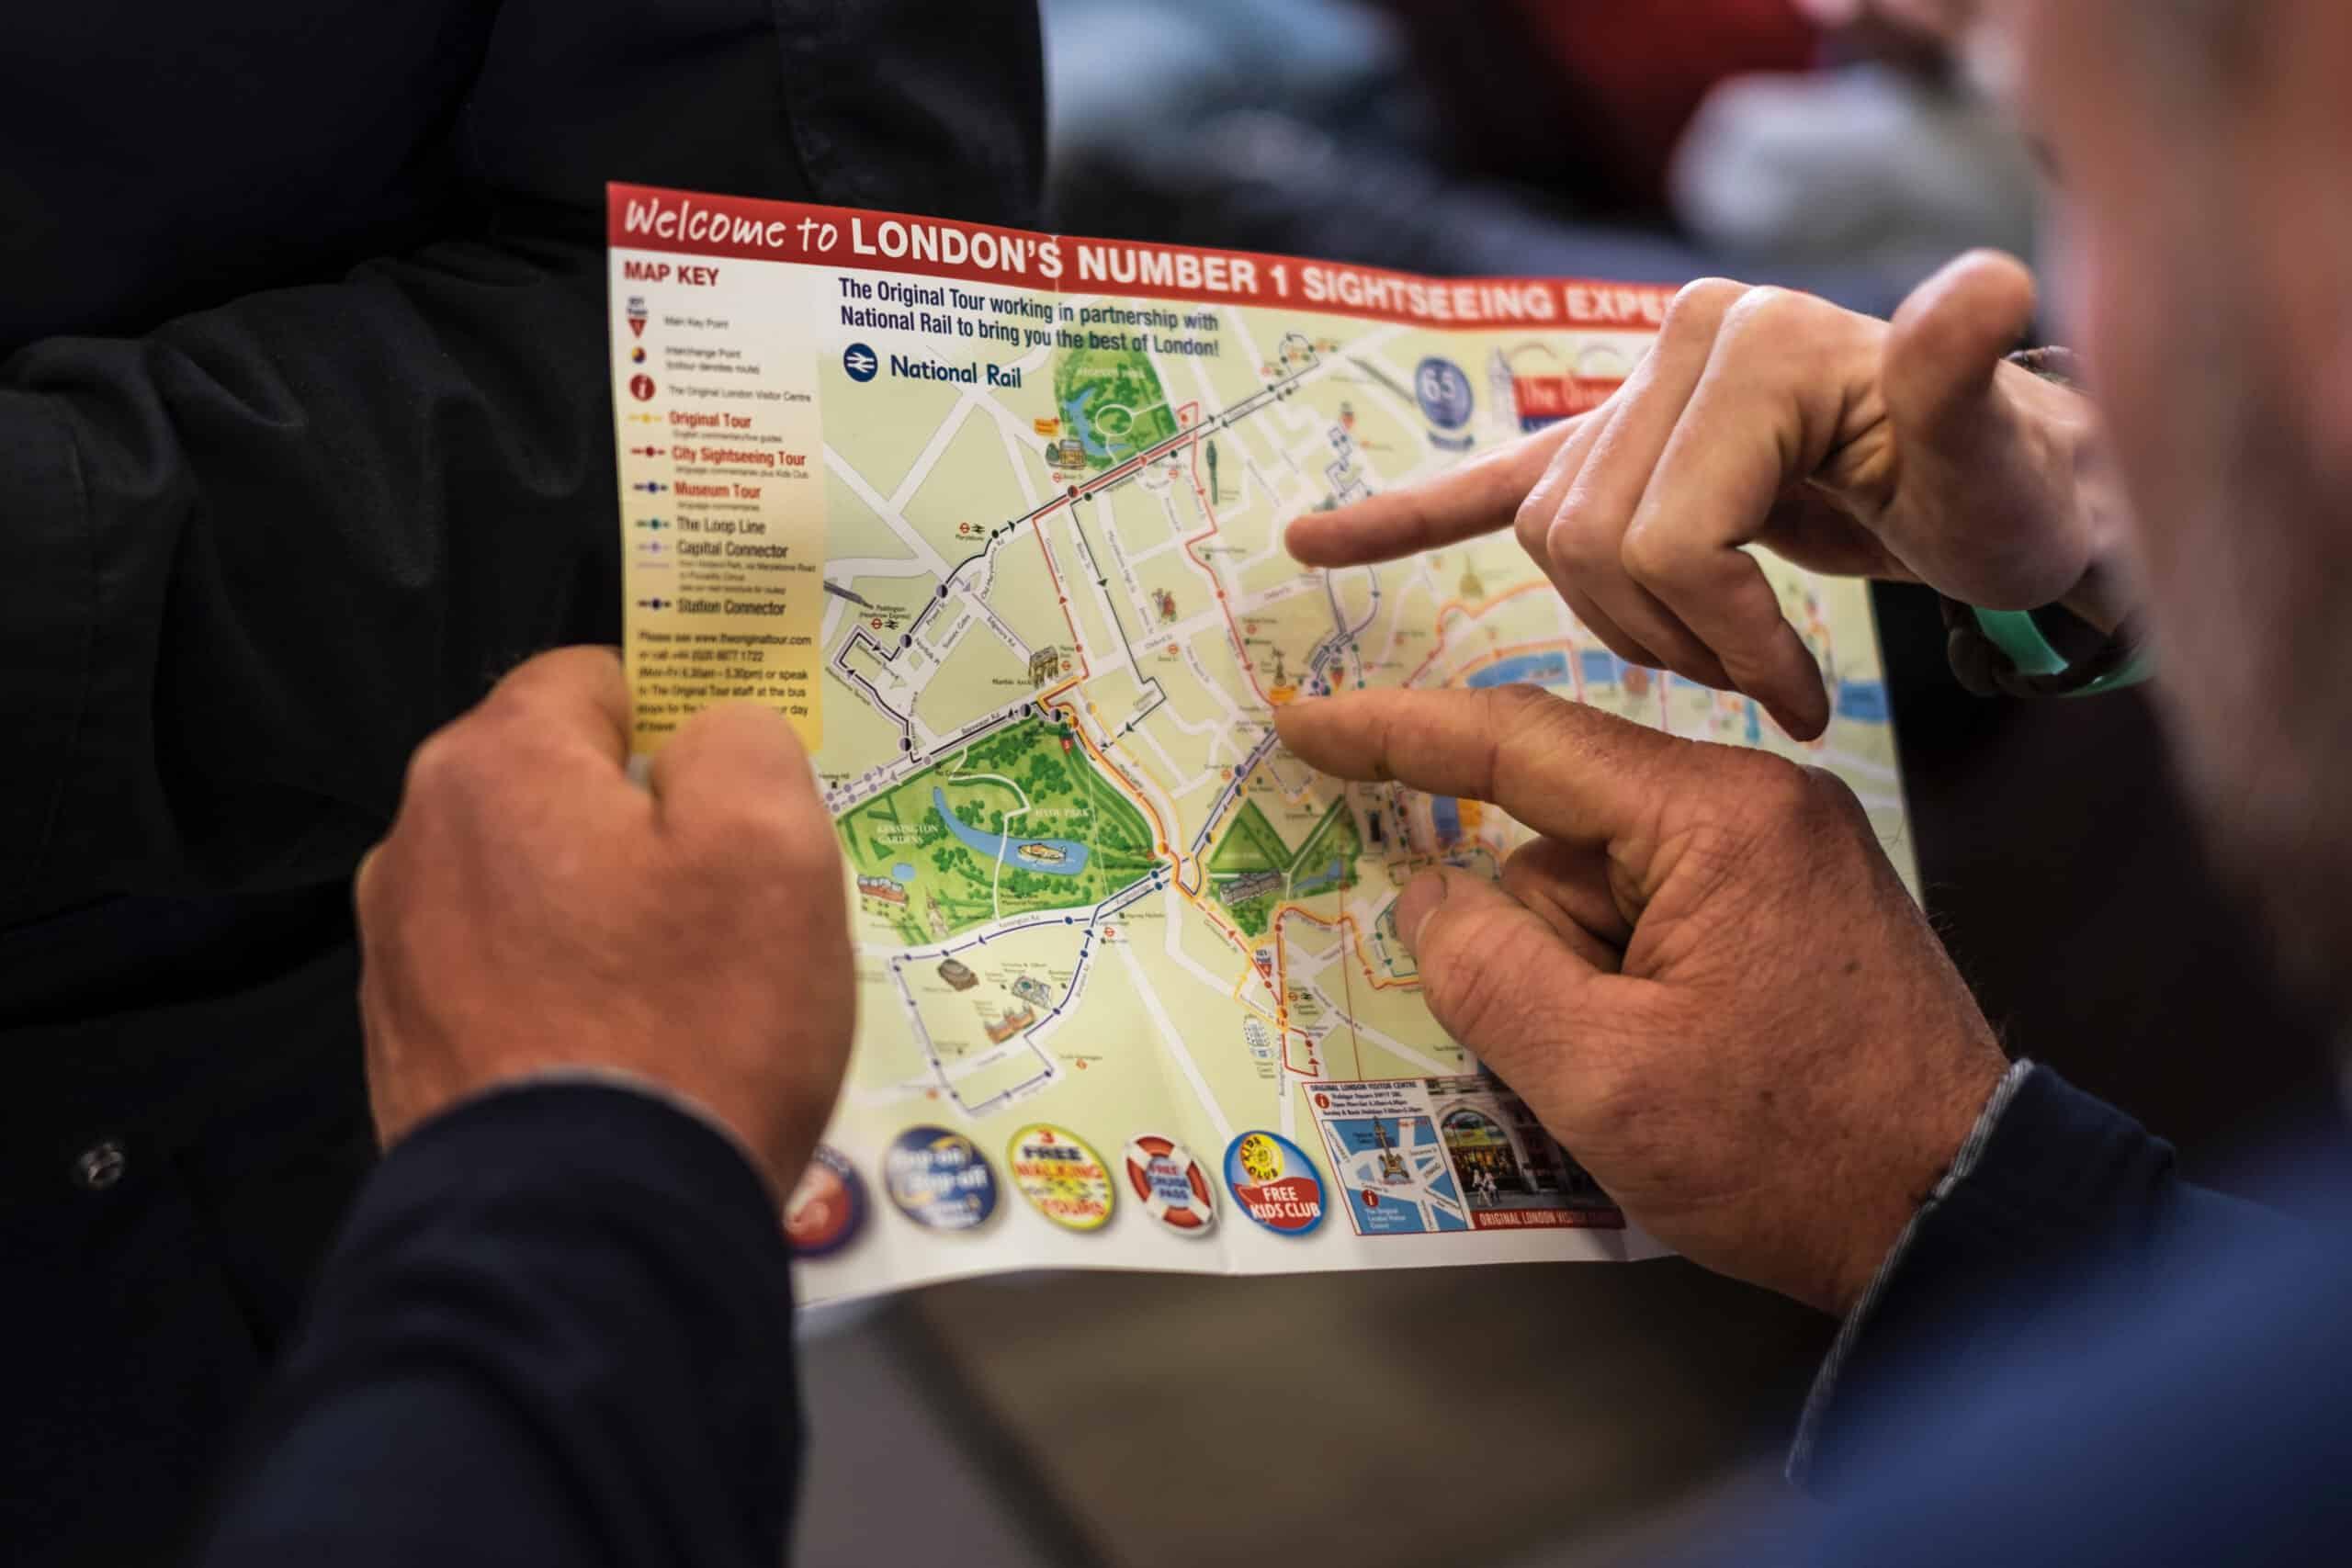 dwie osoby szukające punktów na planie centrum Londynu